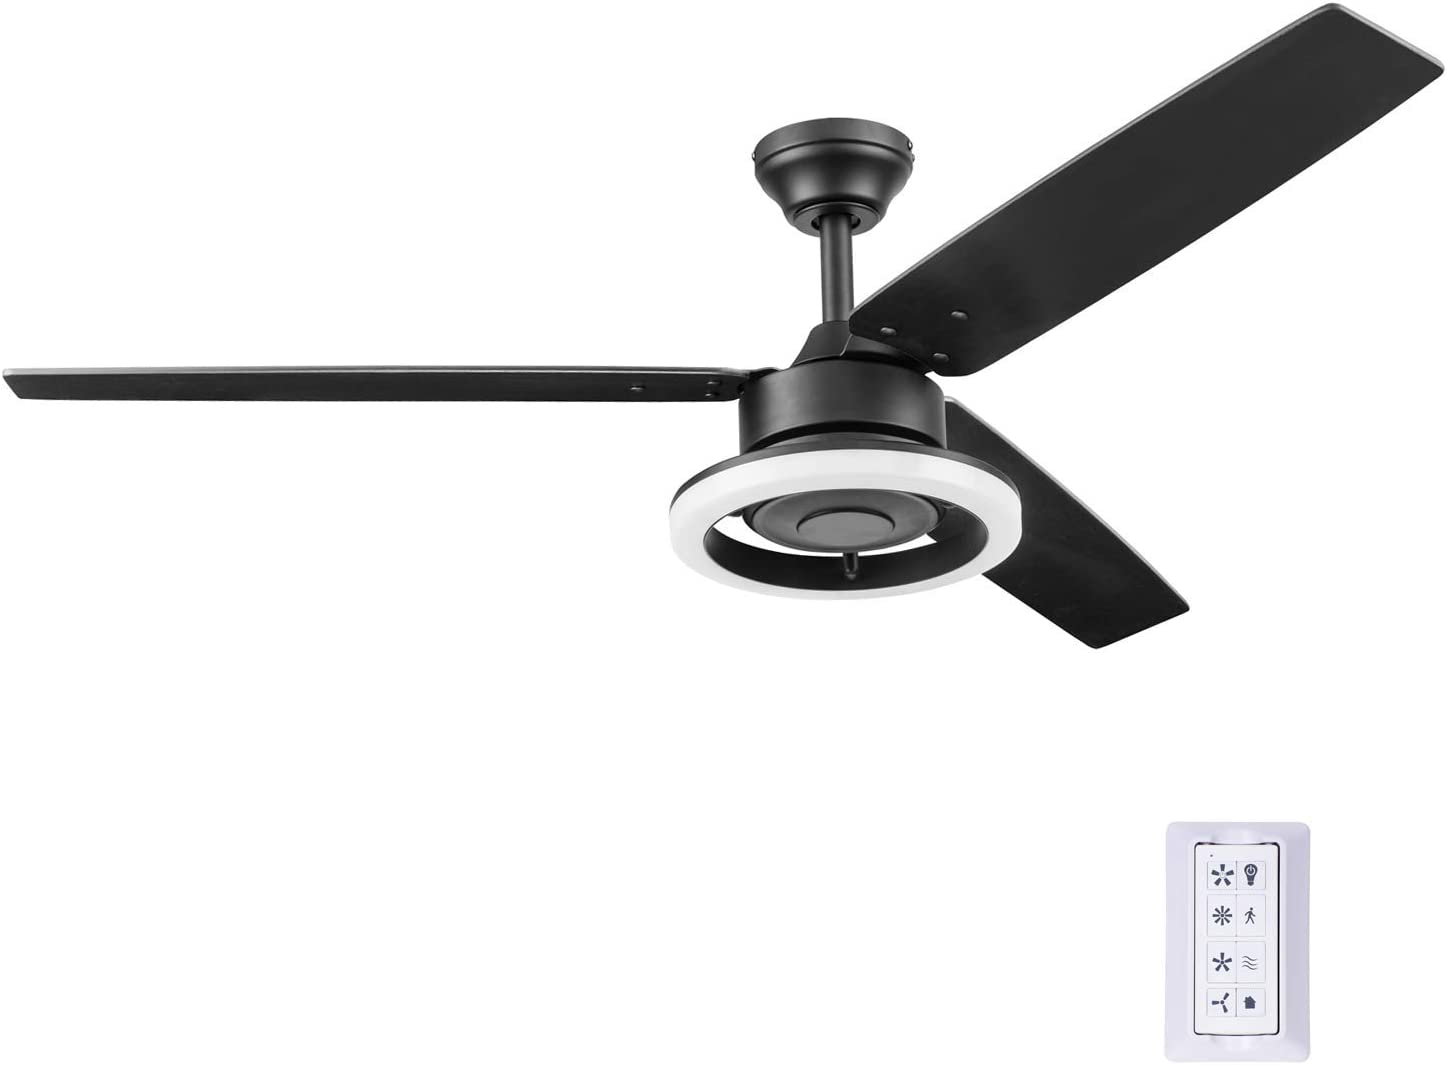 Prominence Home 51461-01 Orbis Ceiling Fan, 52, Matte Black